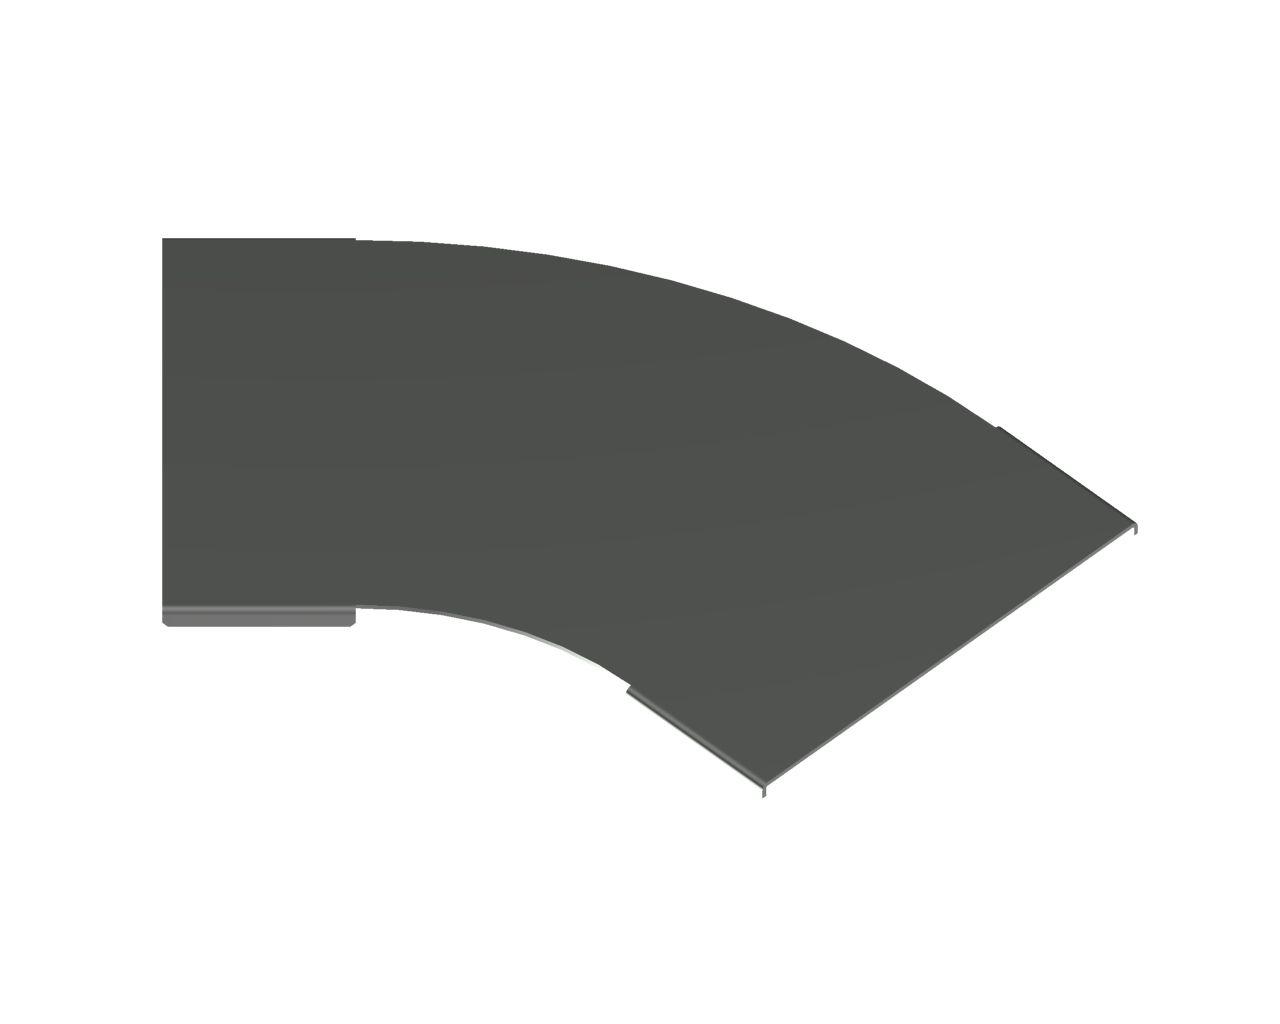 Pokrywa kolanka 45° PKKC45